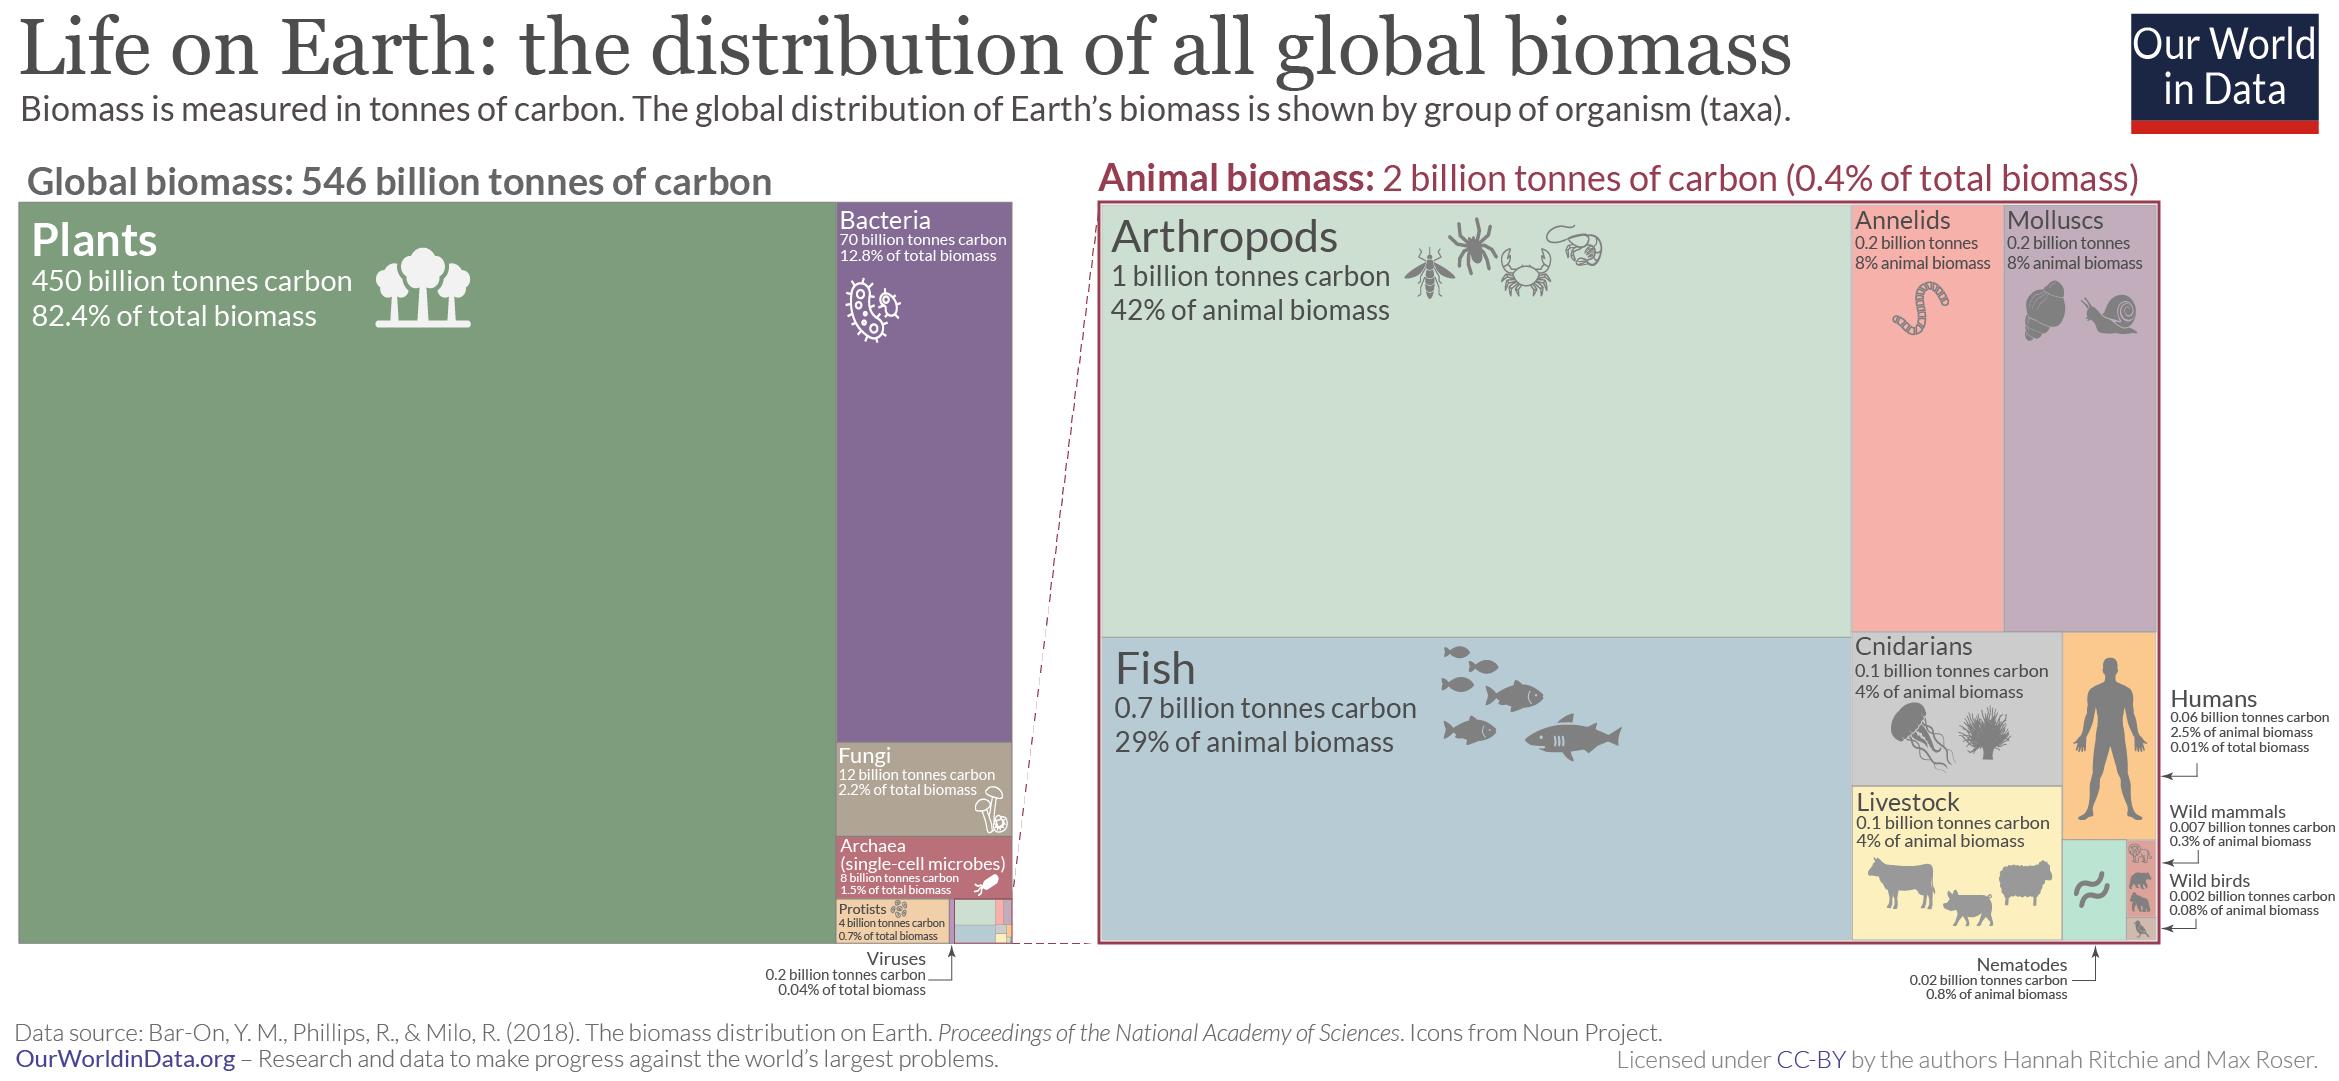 Global taxa biomass